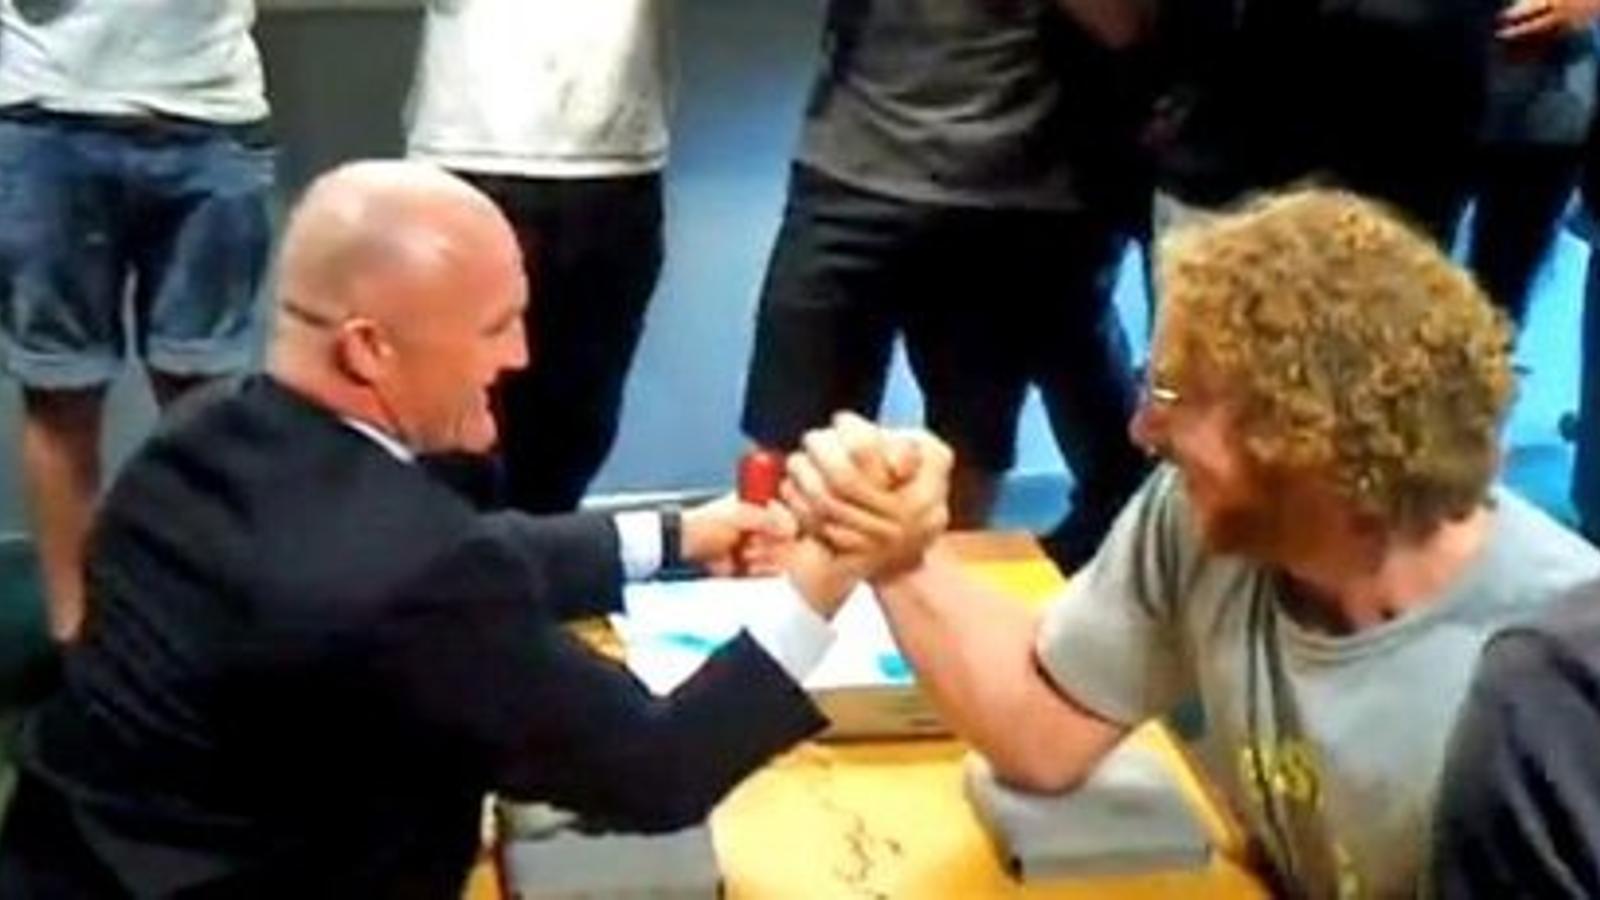 El millor guardaespatlles del primer ministre neozelandès, vençut per un estudiant en un pols